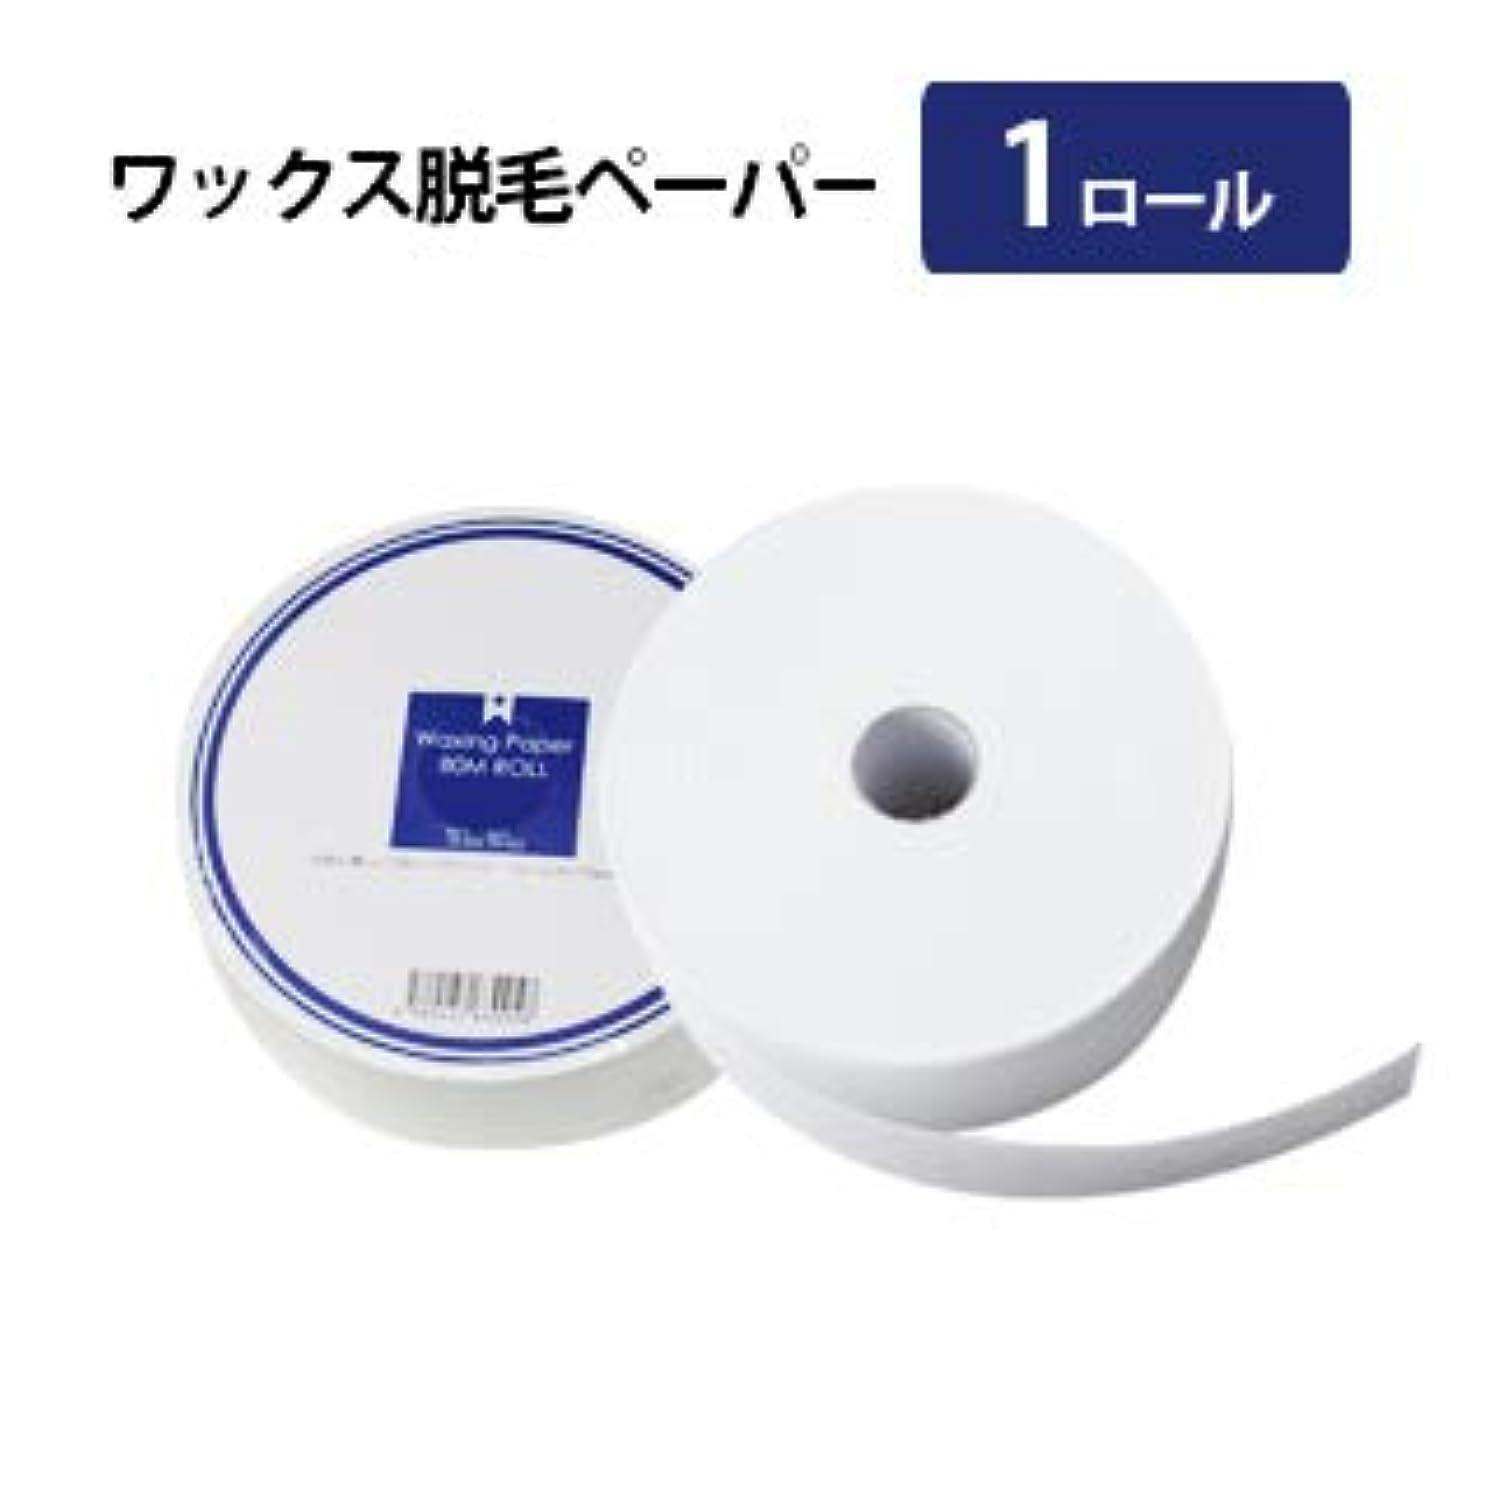 決定的中央膿瘍【不織布:8cm】ワックスロールペーパー 1巻